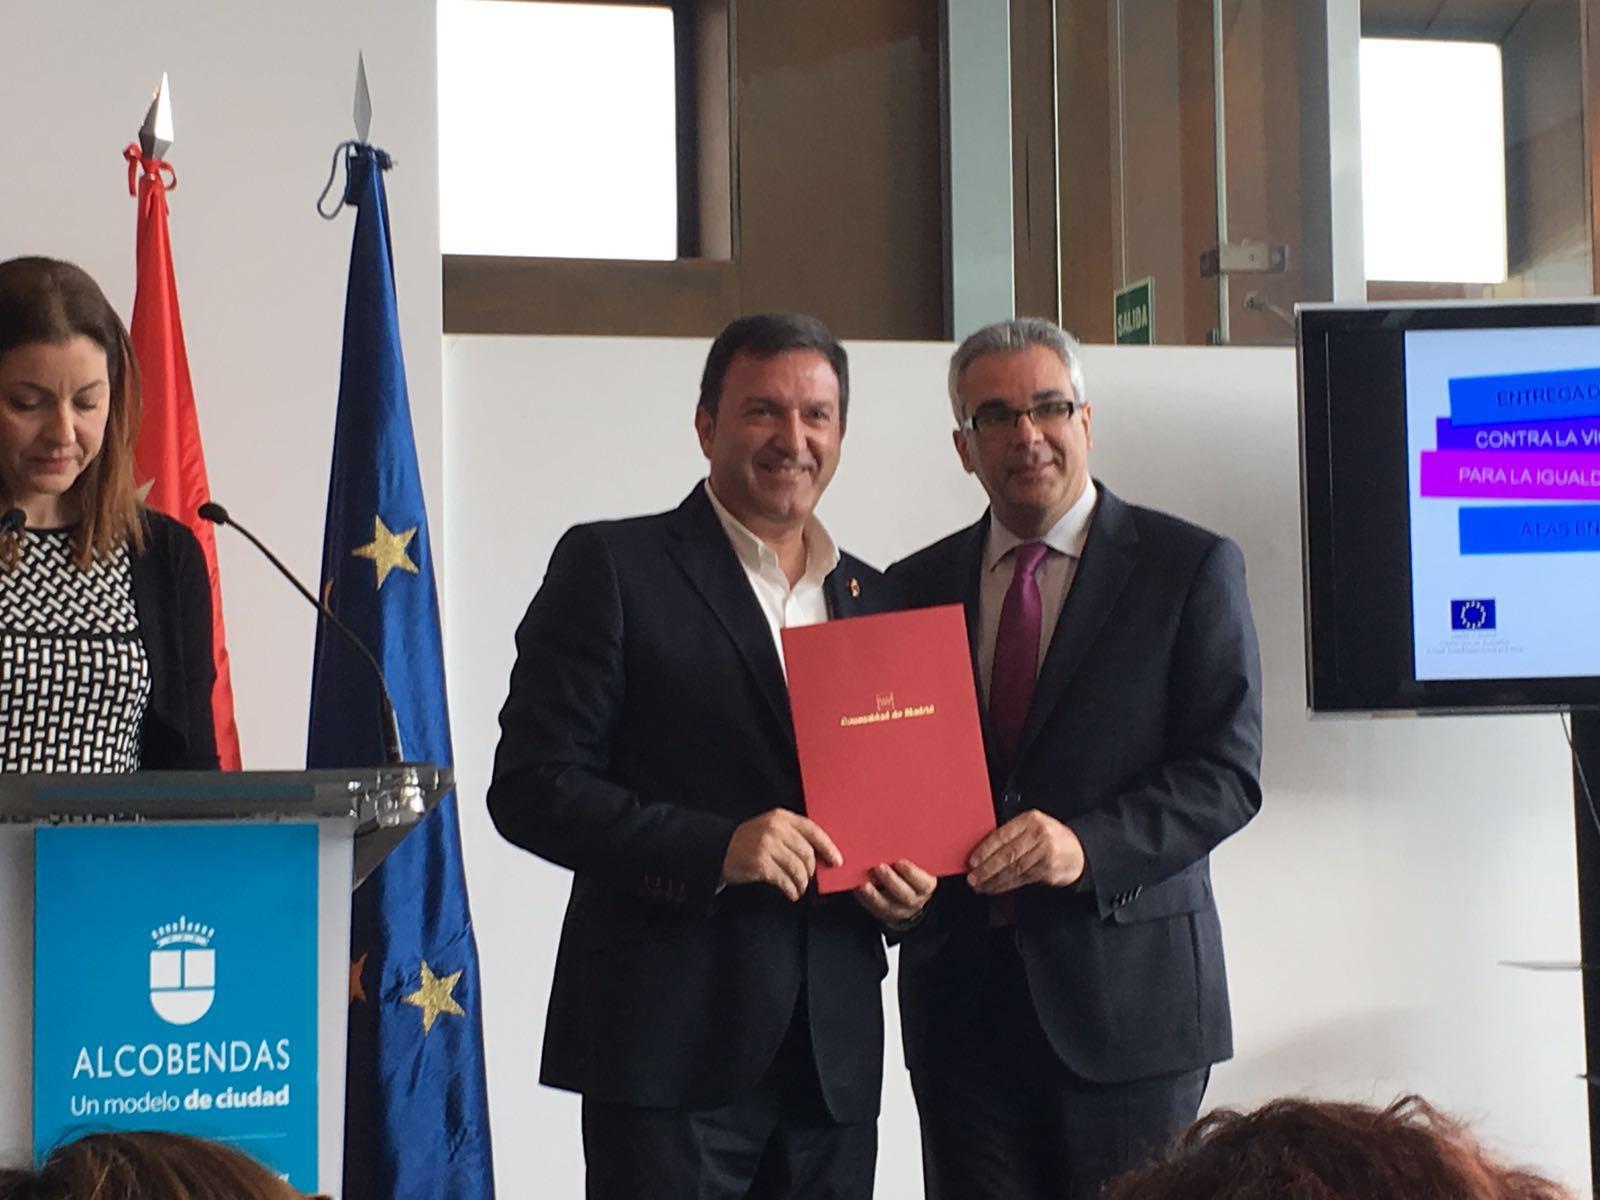 Jos antonio s nchez recoge la renovaci n del convenio de for Convenio oficinas y despachos comunidad de madrid